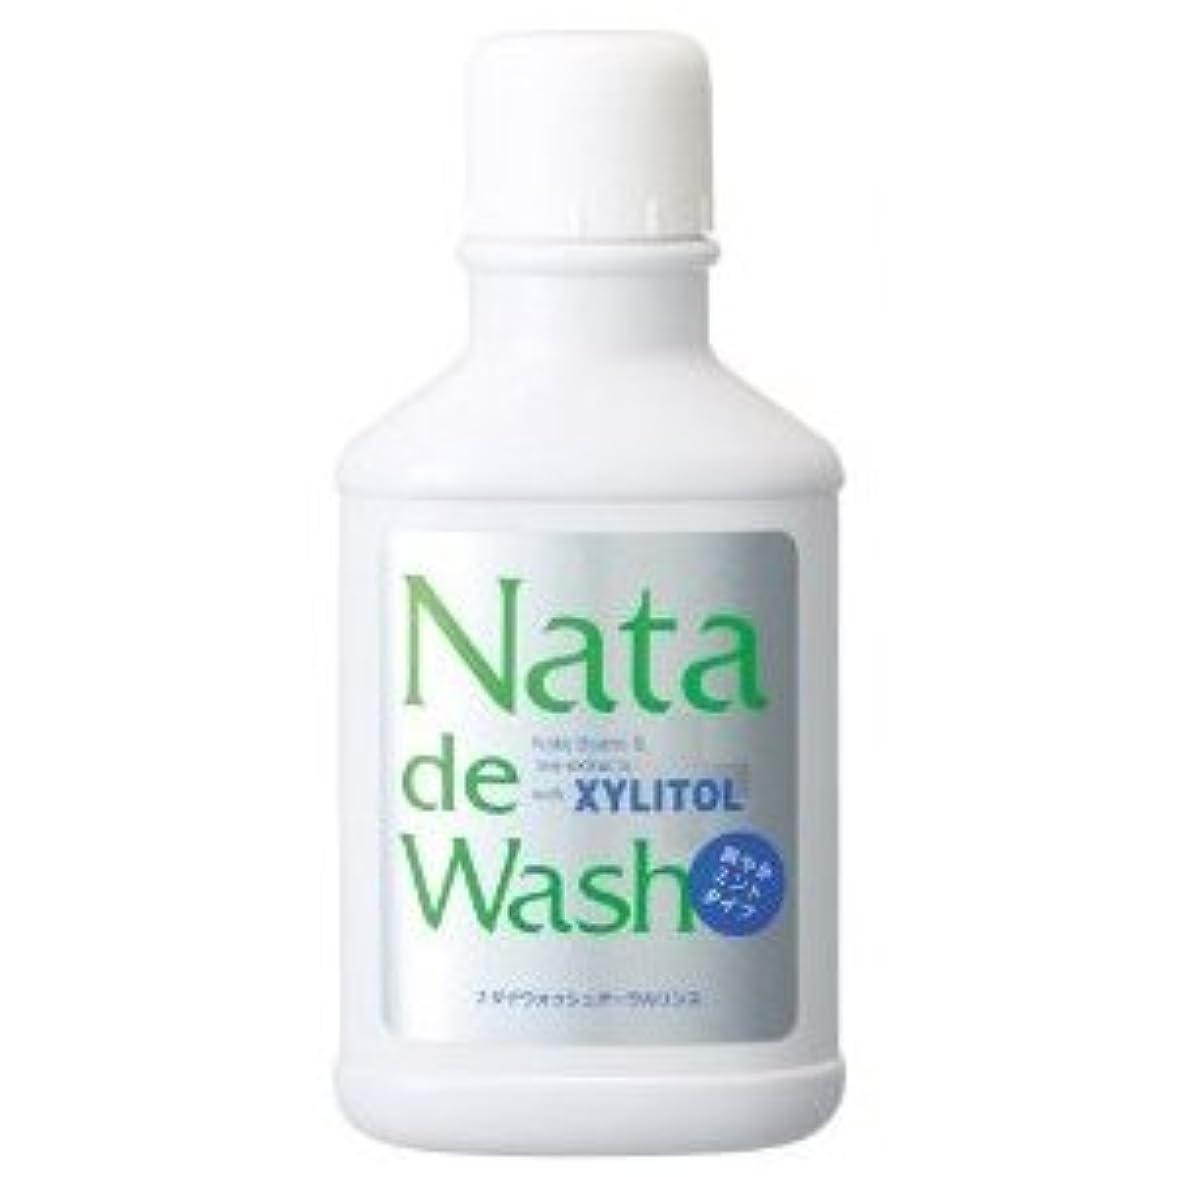 20秒の口臭対策 ナタデウォッシュ 500ml ナタデウォッシュEX